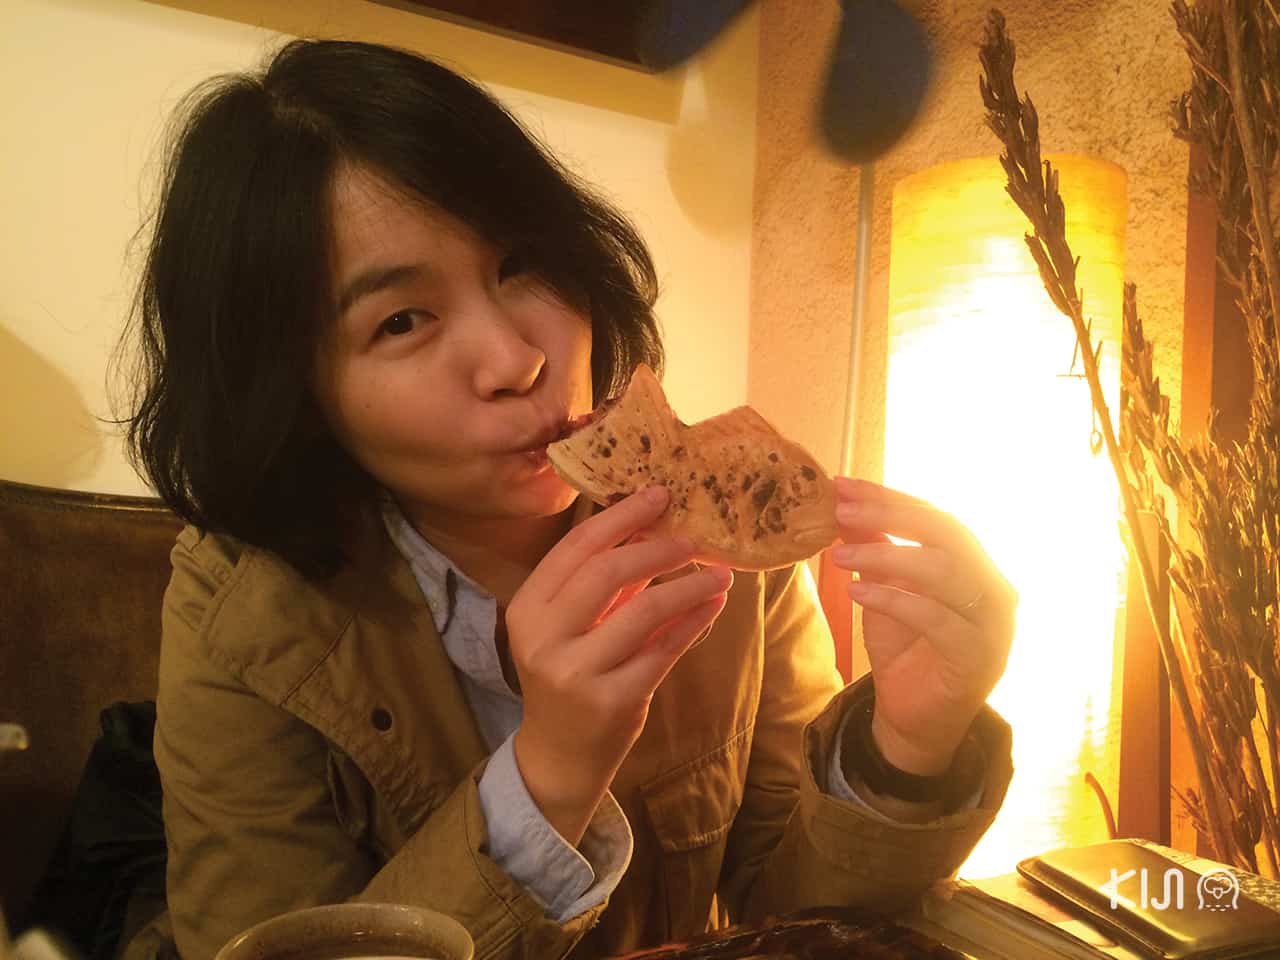 ซีรีส์ญี่ปุ่นเกี่ยวกับอาหาร